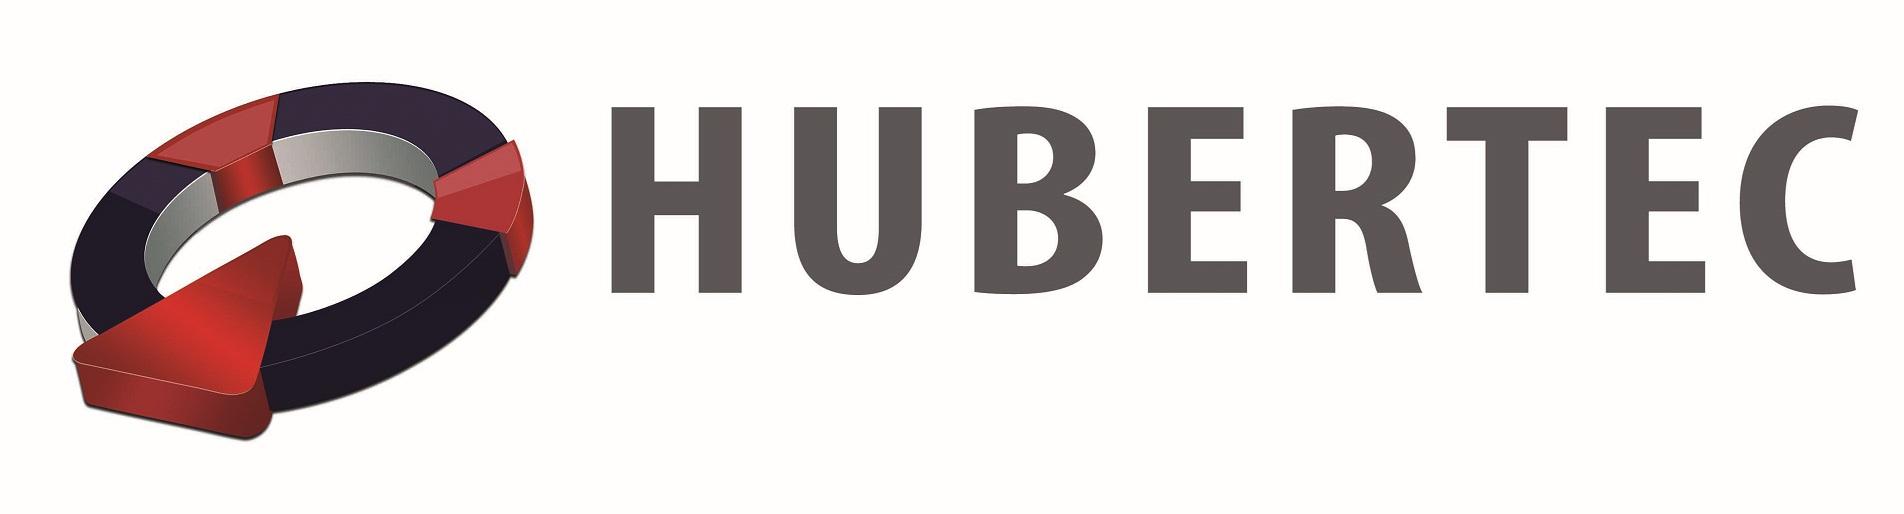 Hubertec